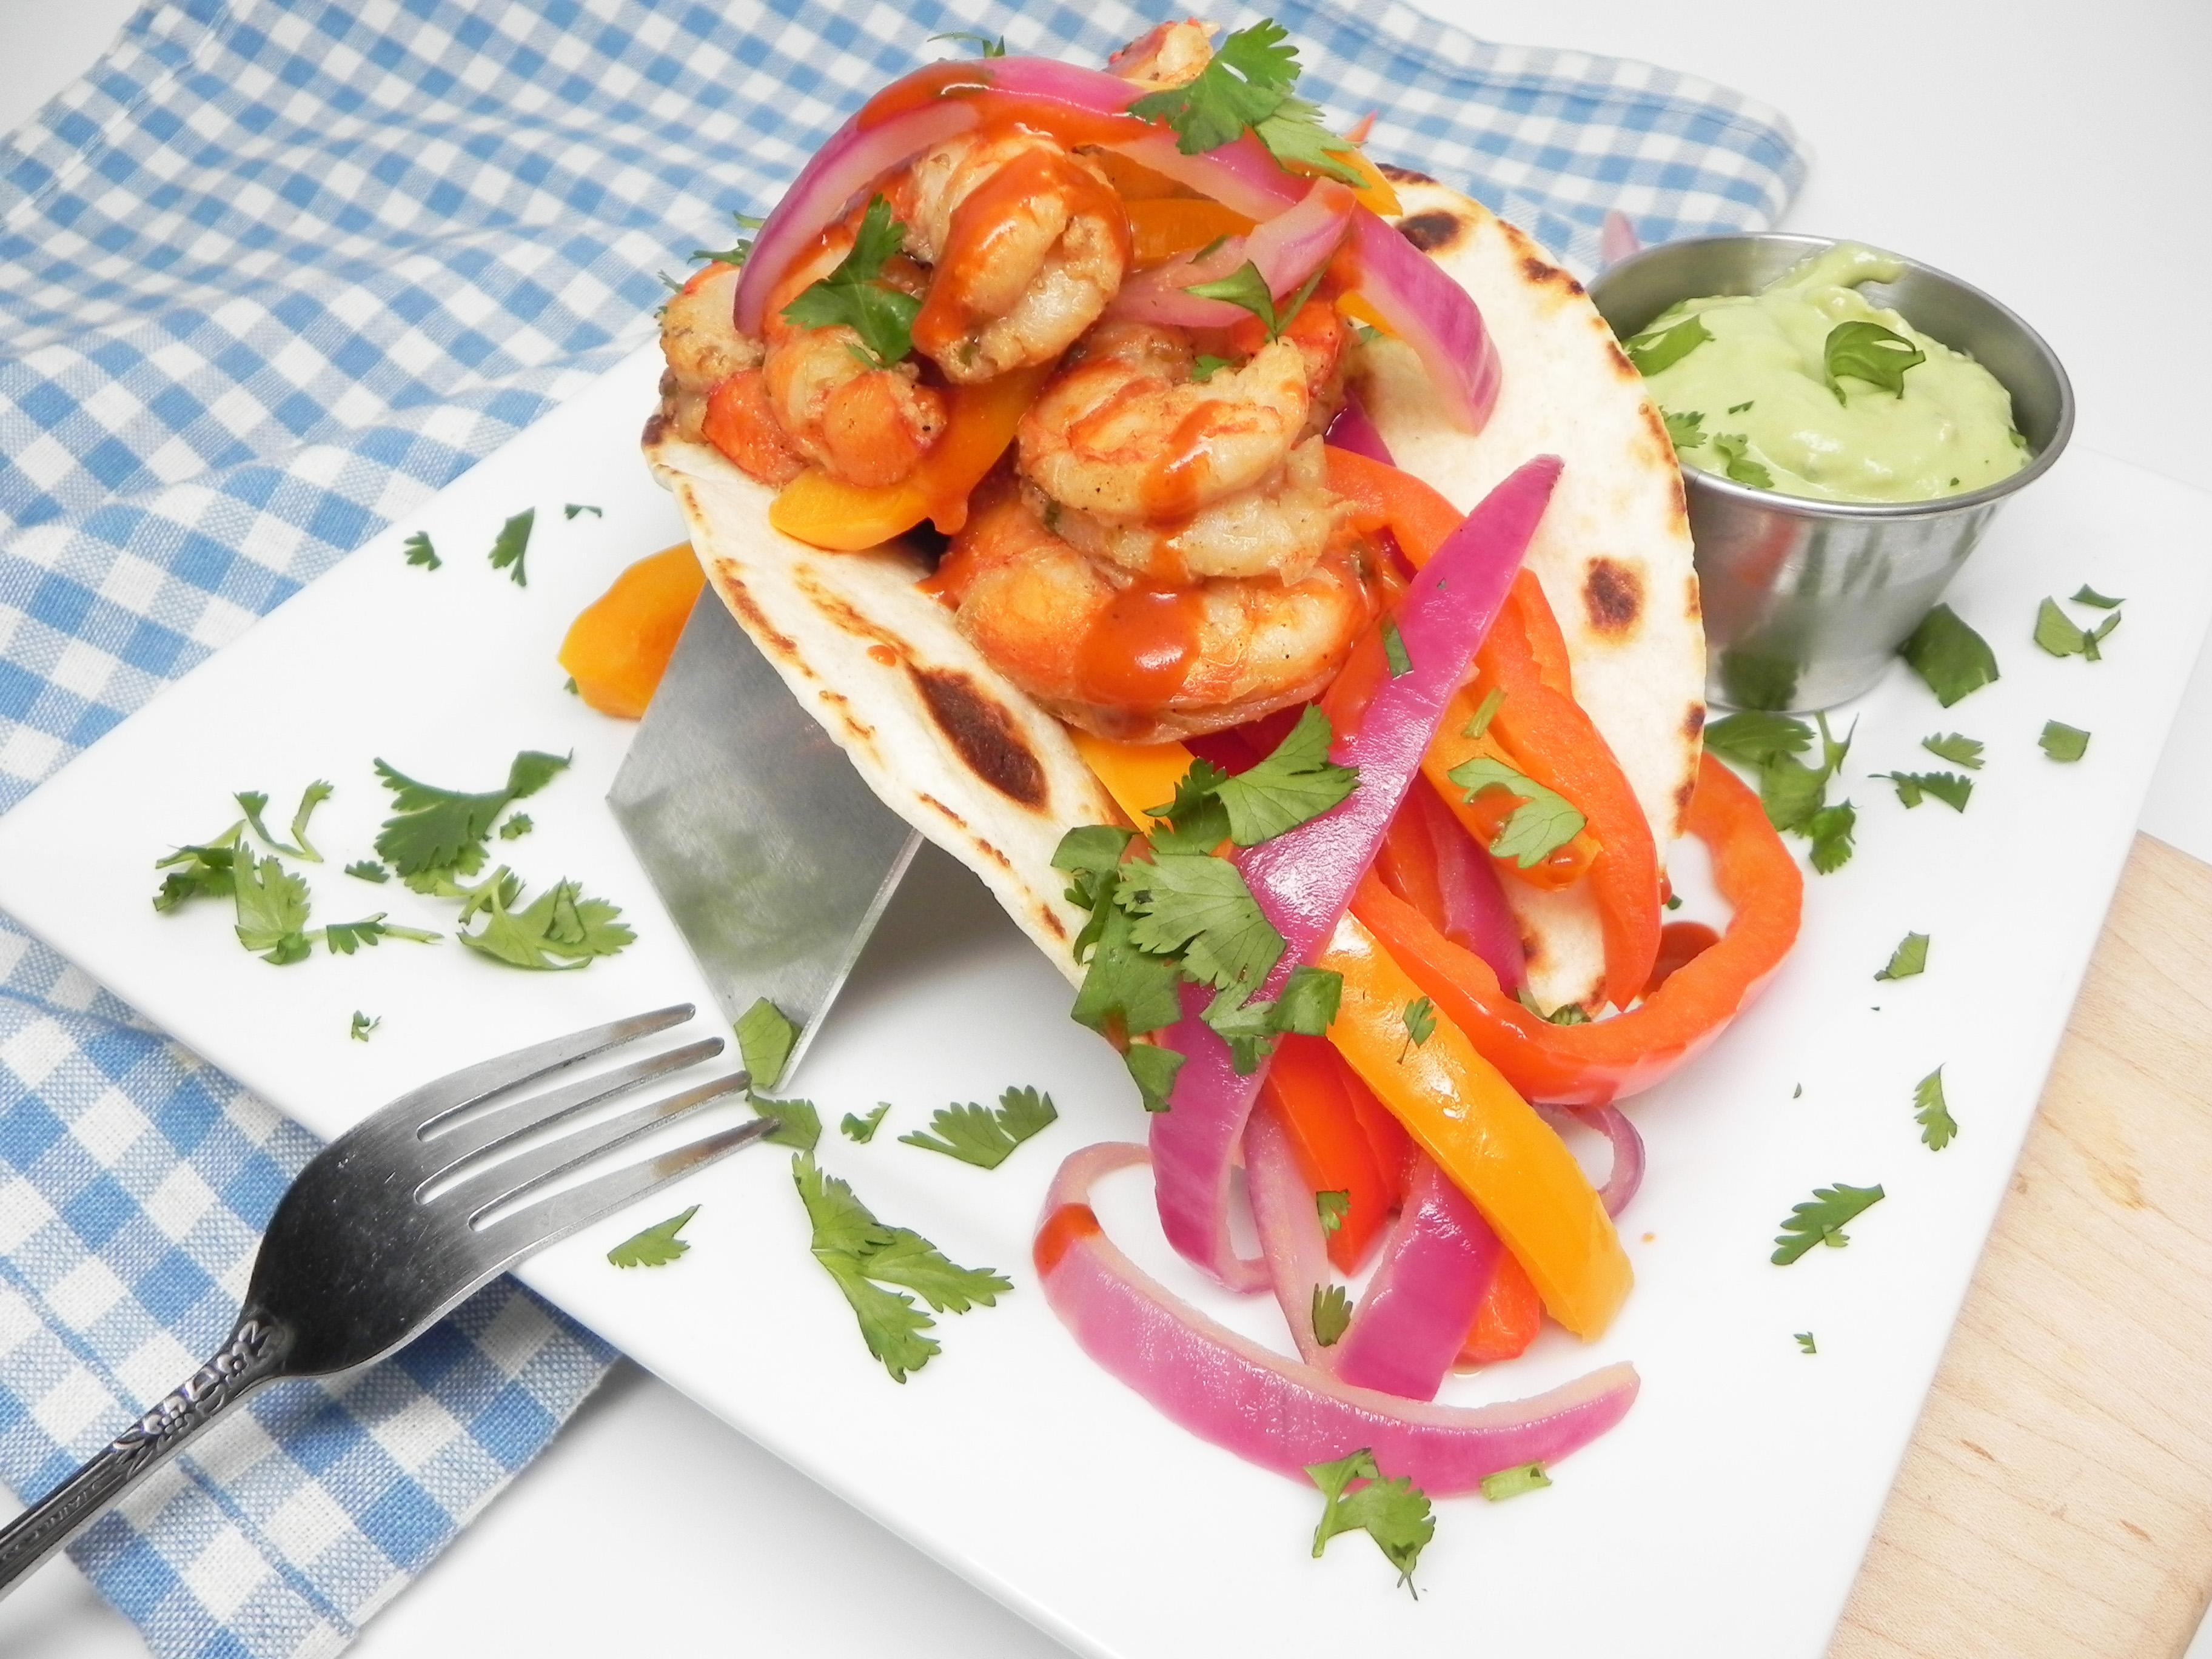 Shrimp Fajitas